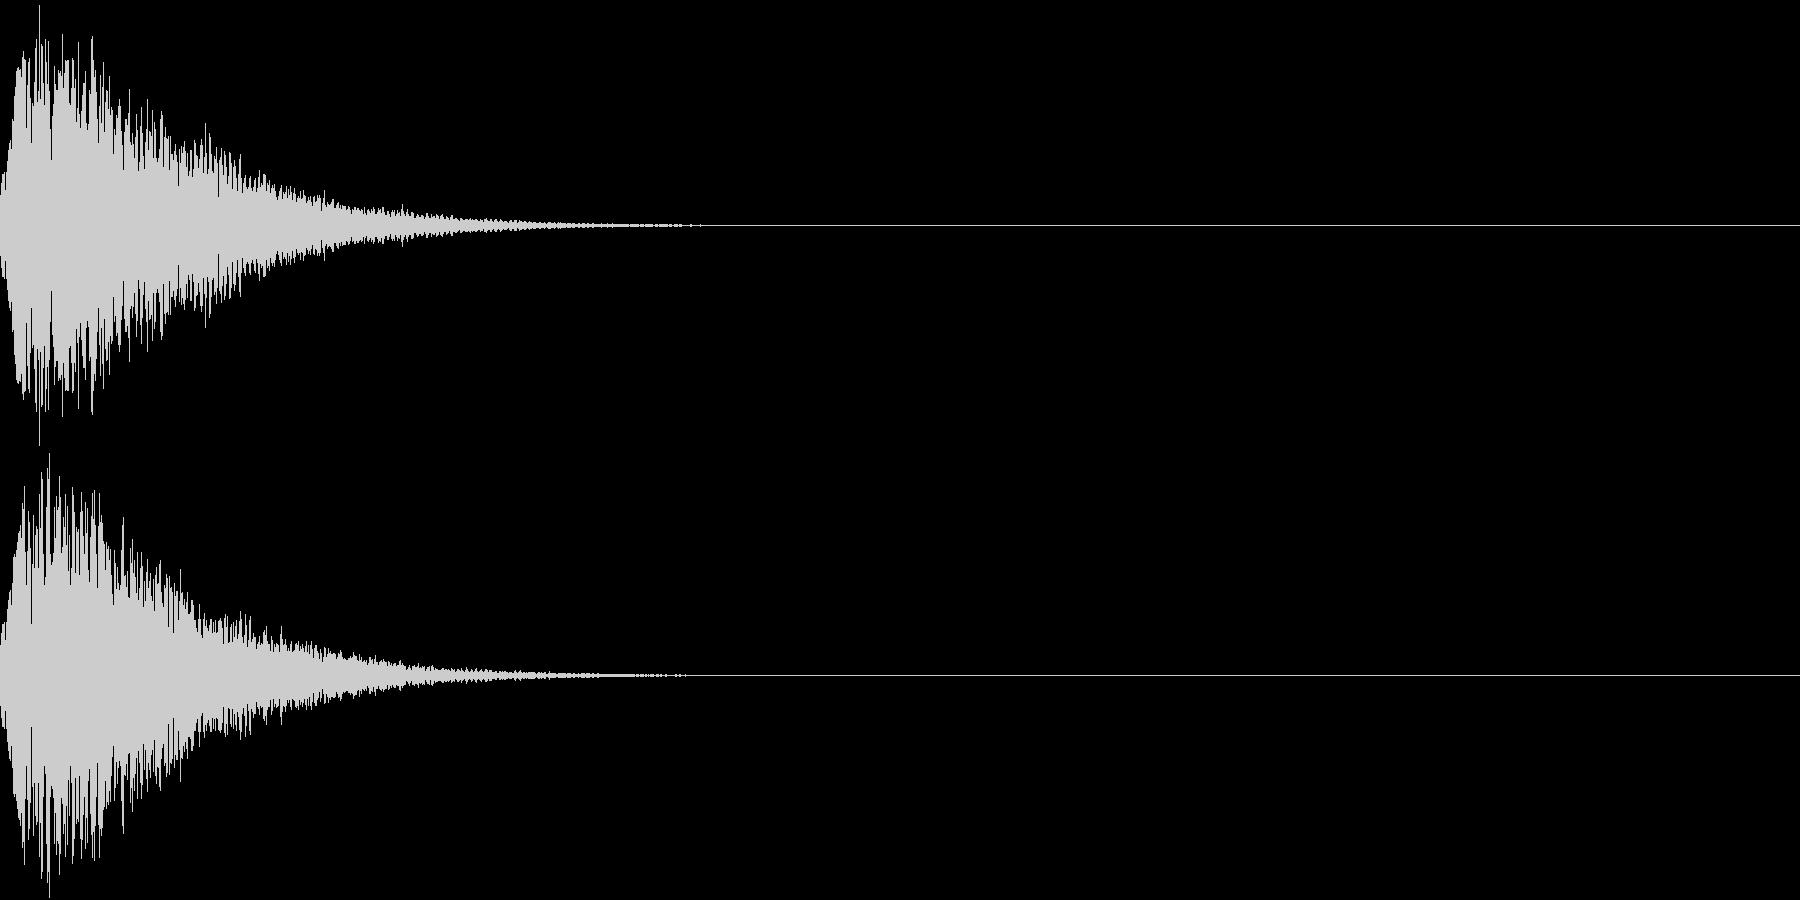 光る  輝く  キュピーン  キラーンIの未再生の波形